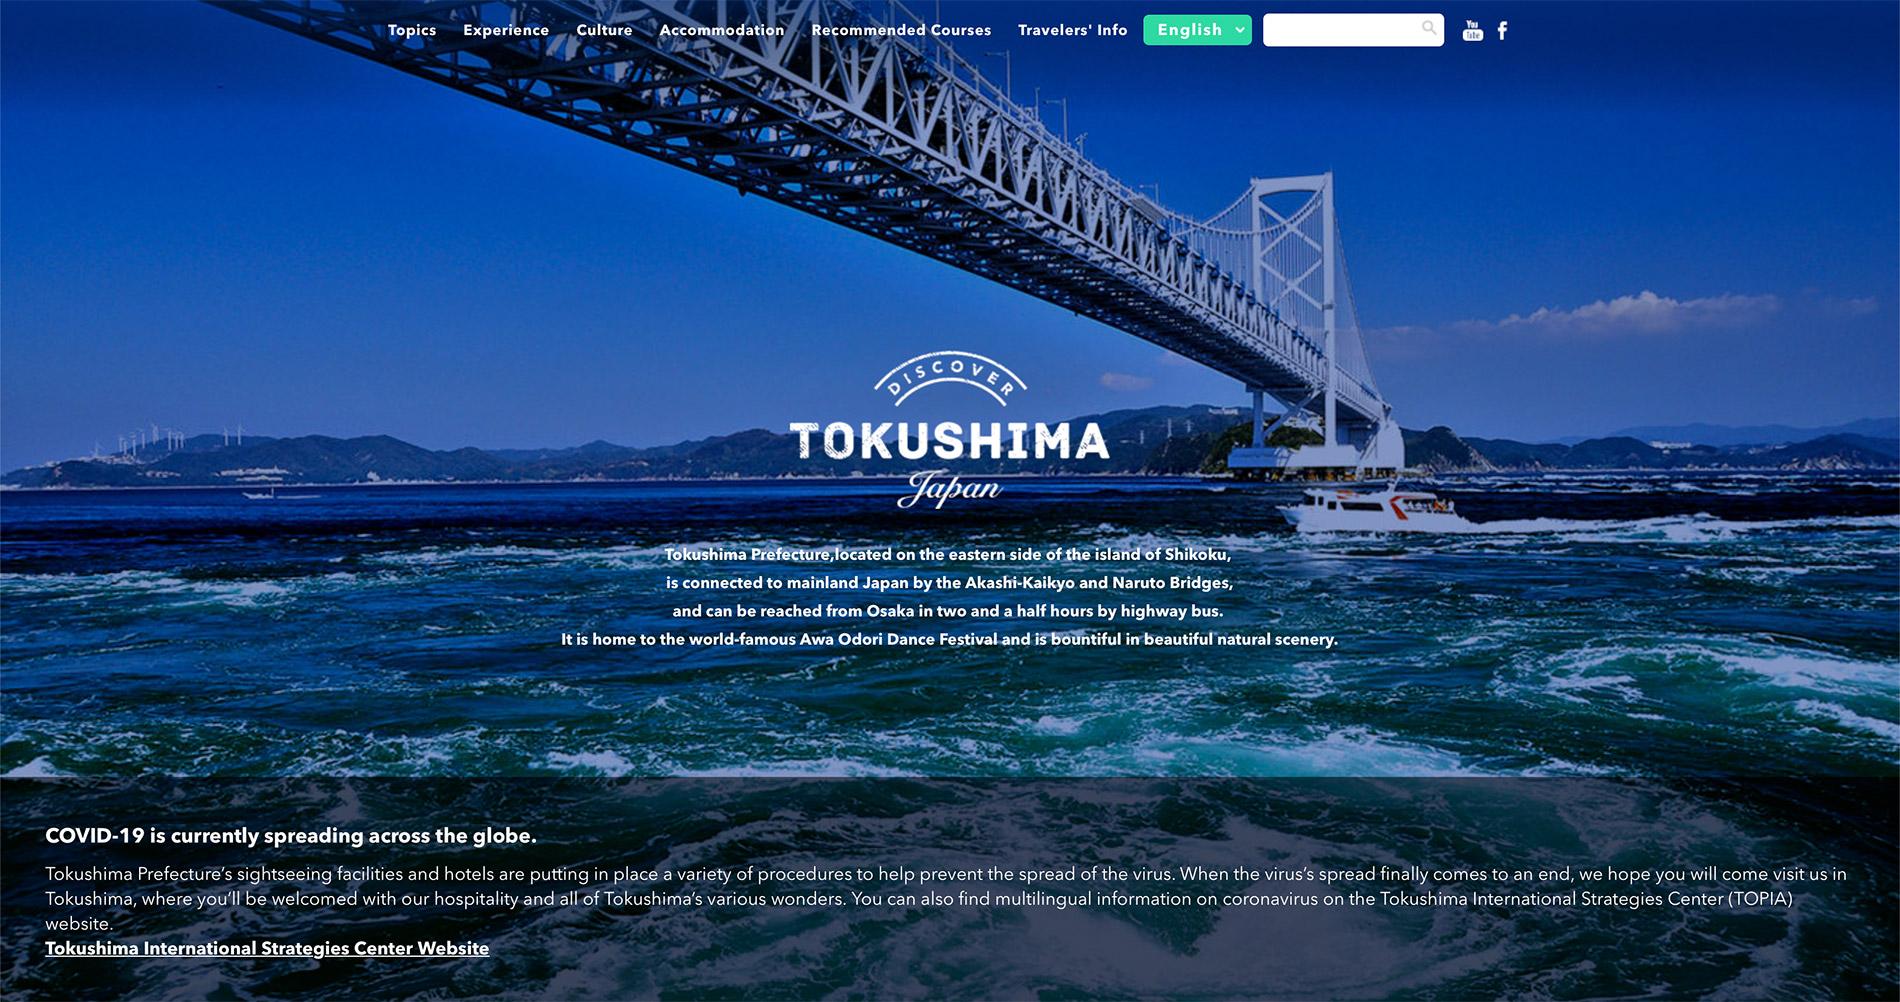 Die englische Webseite des Tourismusverbandes der Präfektur Tokushima.